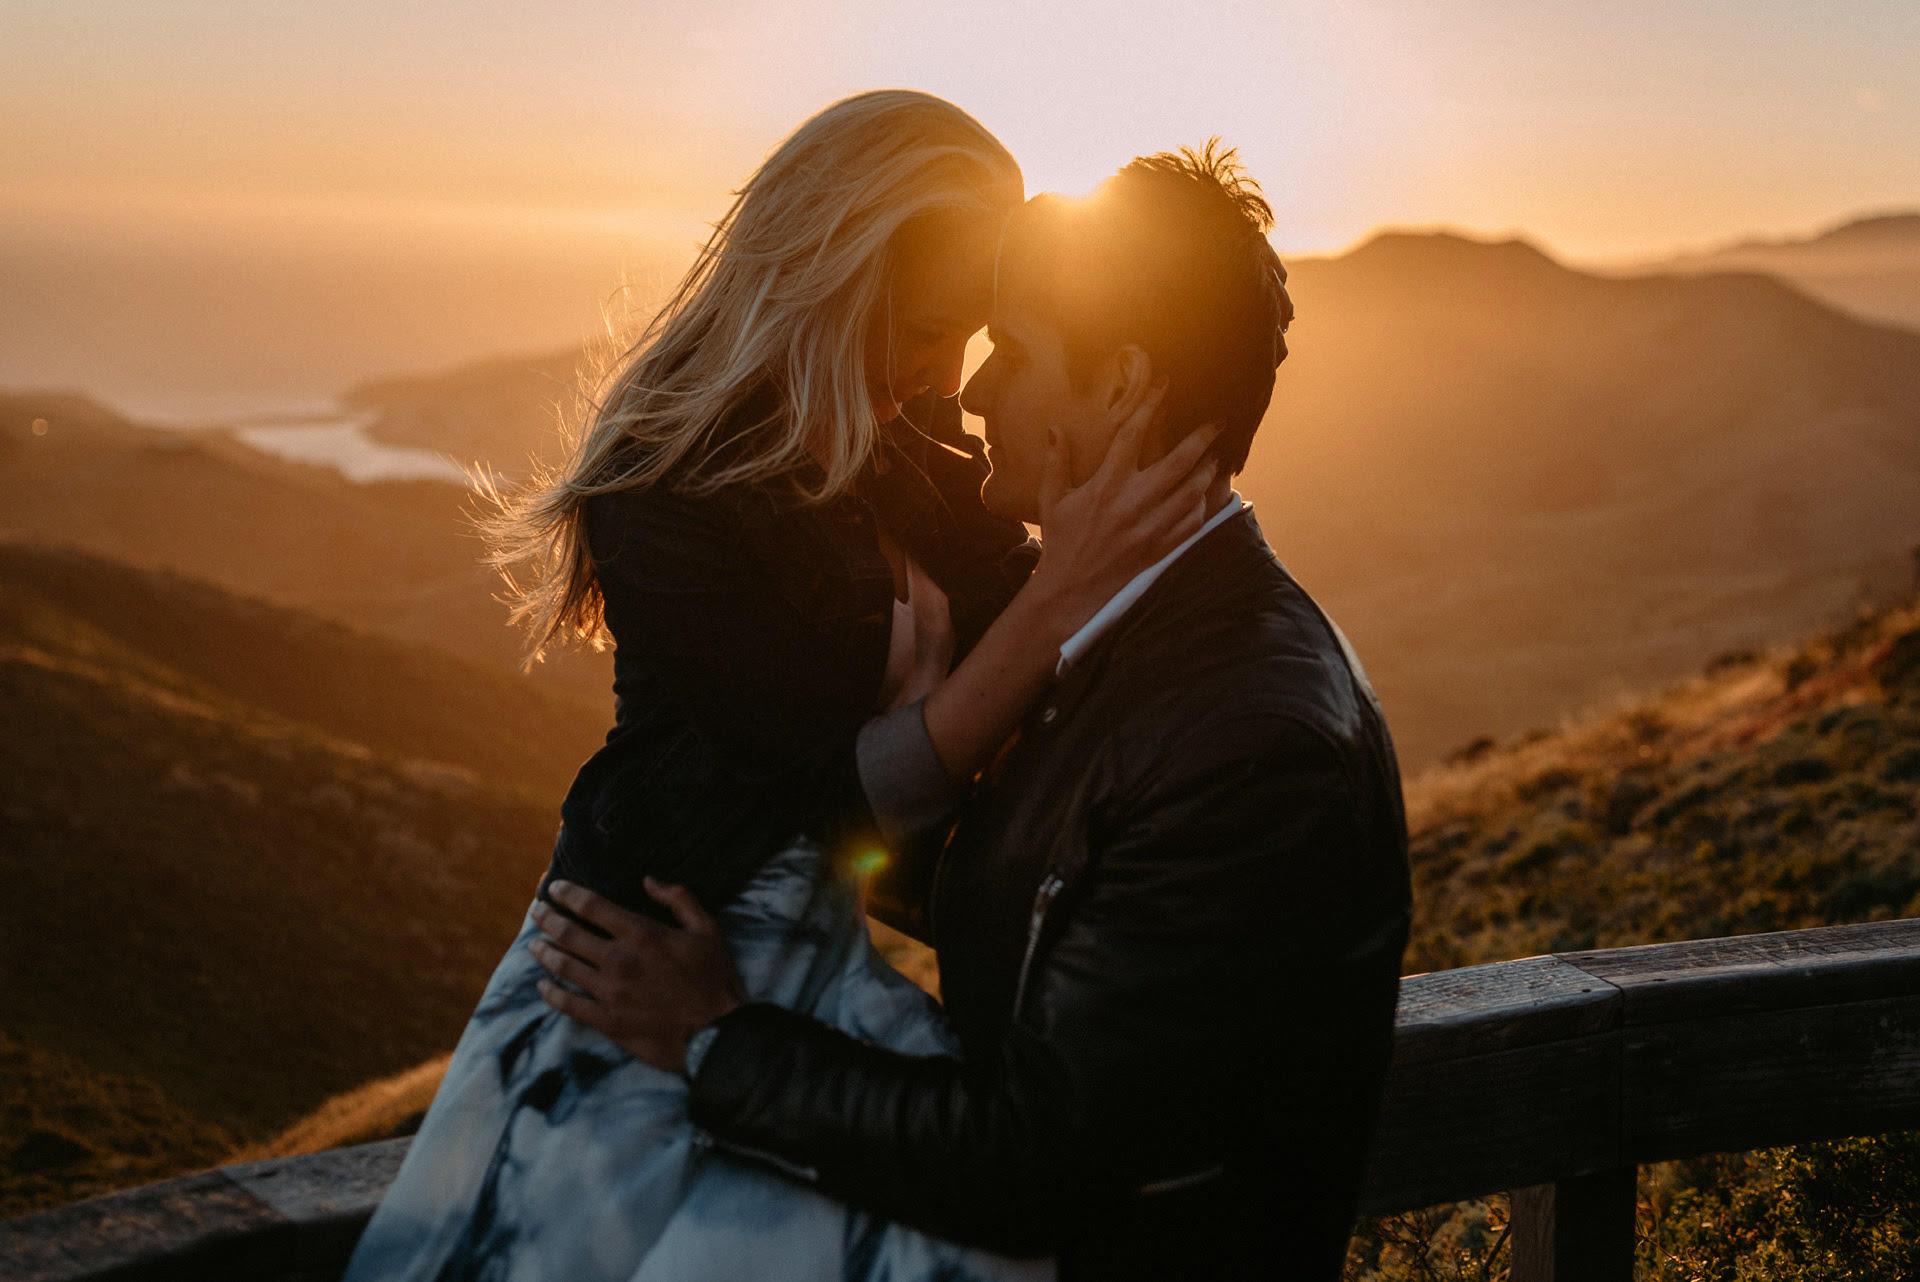 Destination wedding photography – czyli fotografia ślubna na wyjeździe